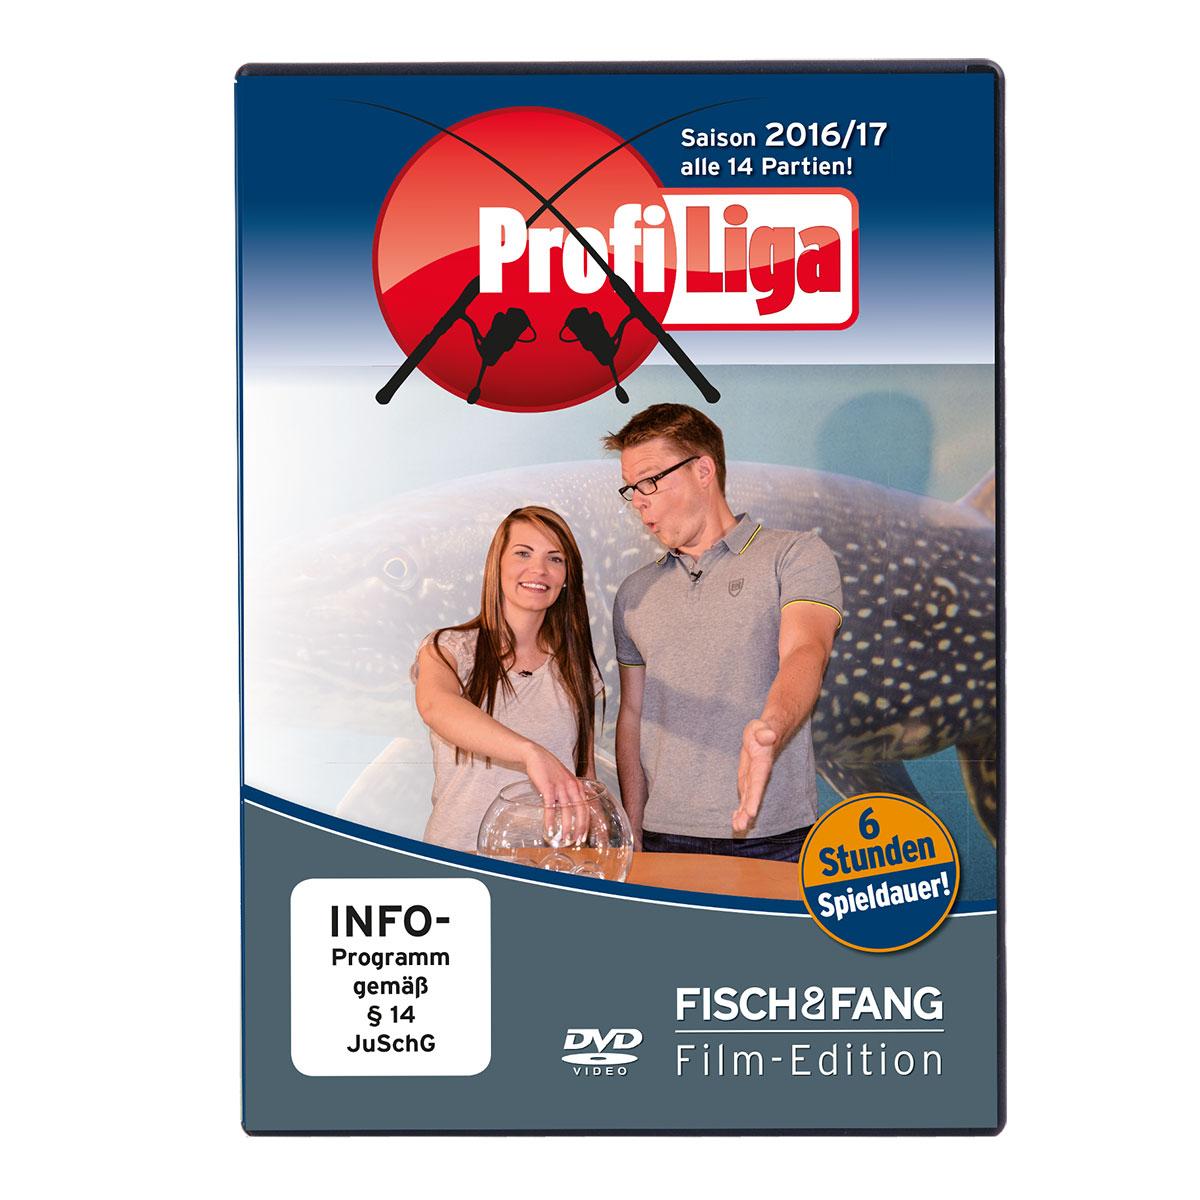 FISCH & FANG Profi Liga Saison 2016/2017 (Doppel-DVD) im Pareyshop